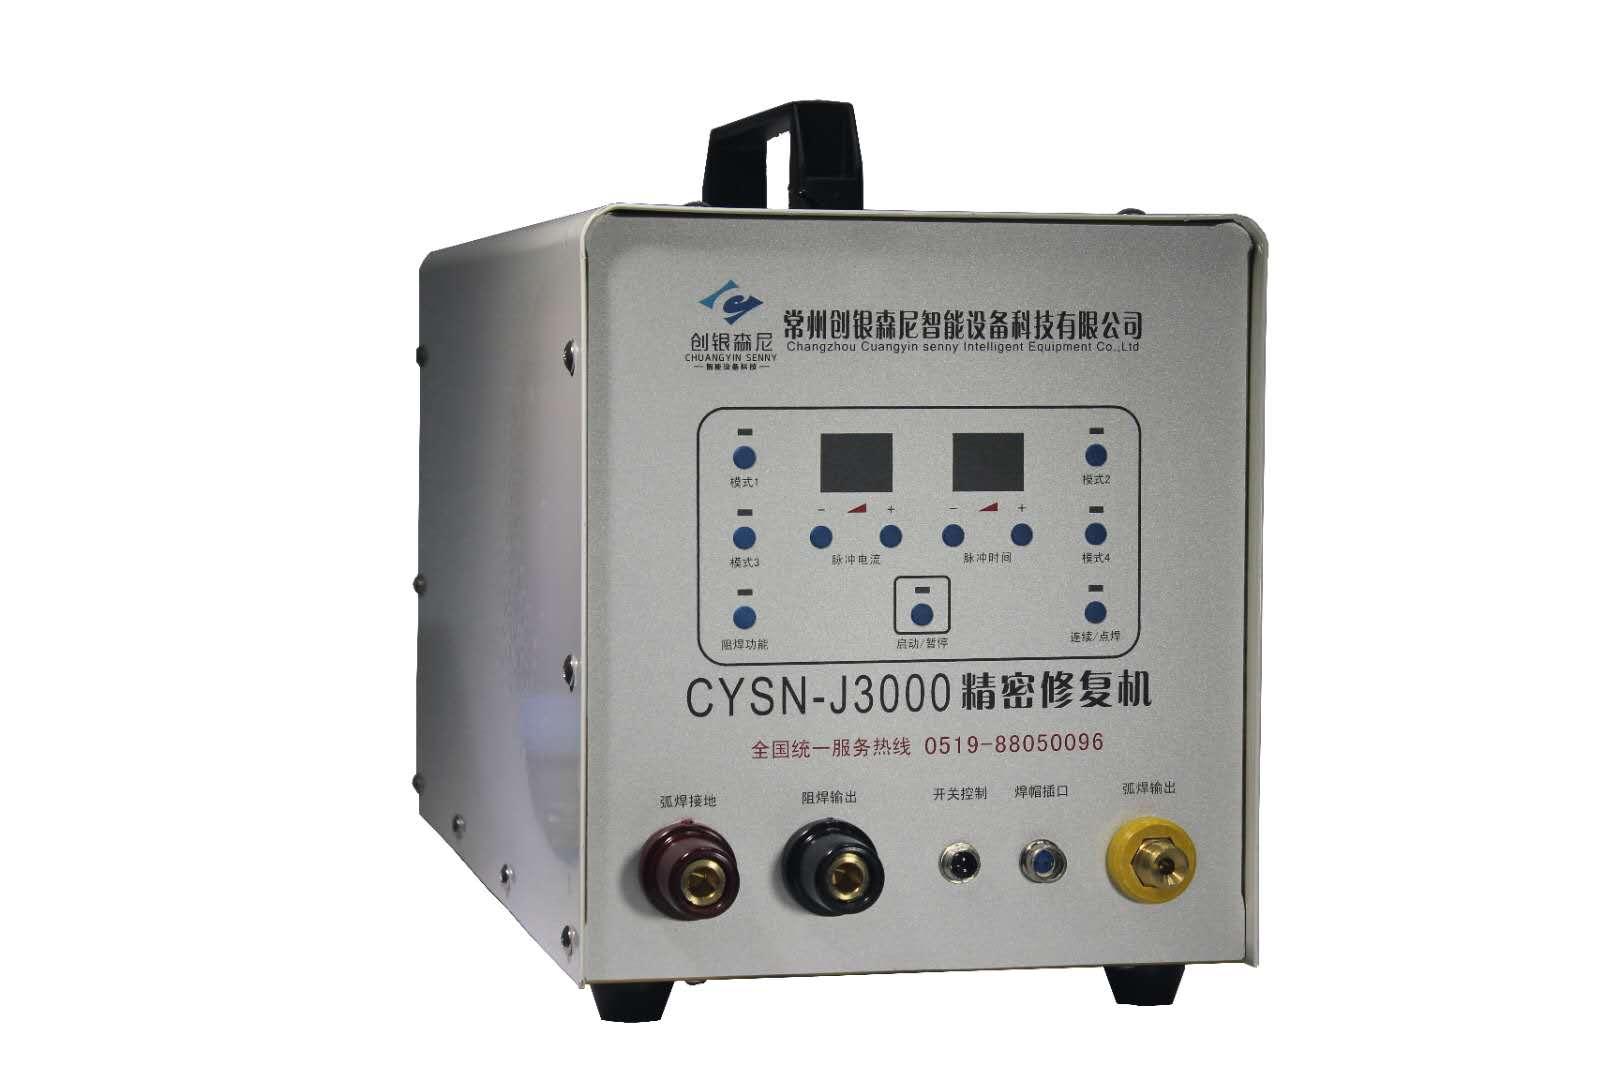 缺陷精密补冷焊机CYSN-J3000型